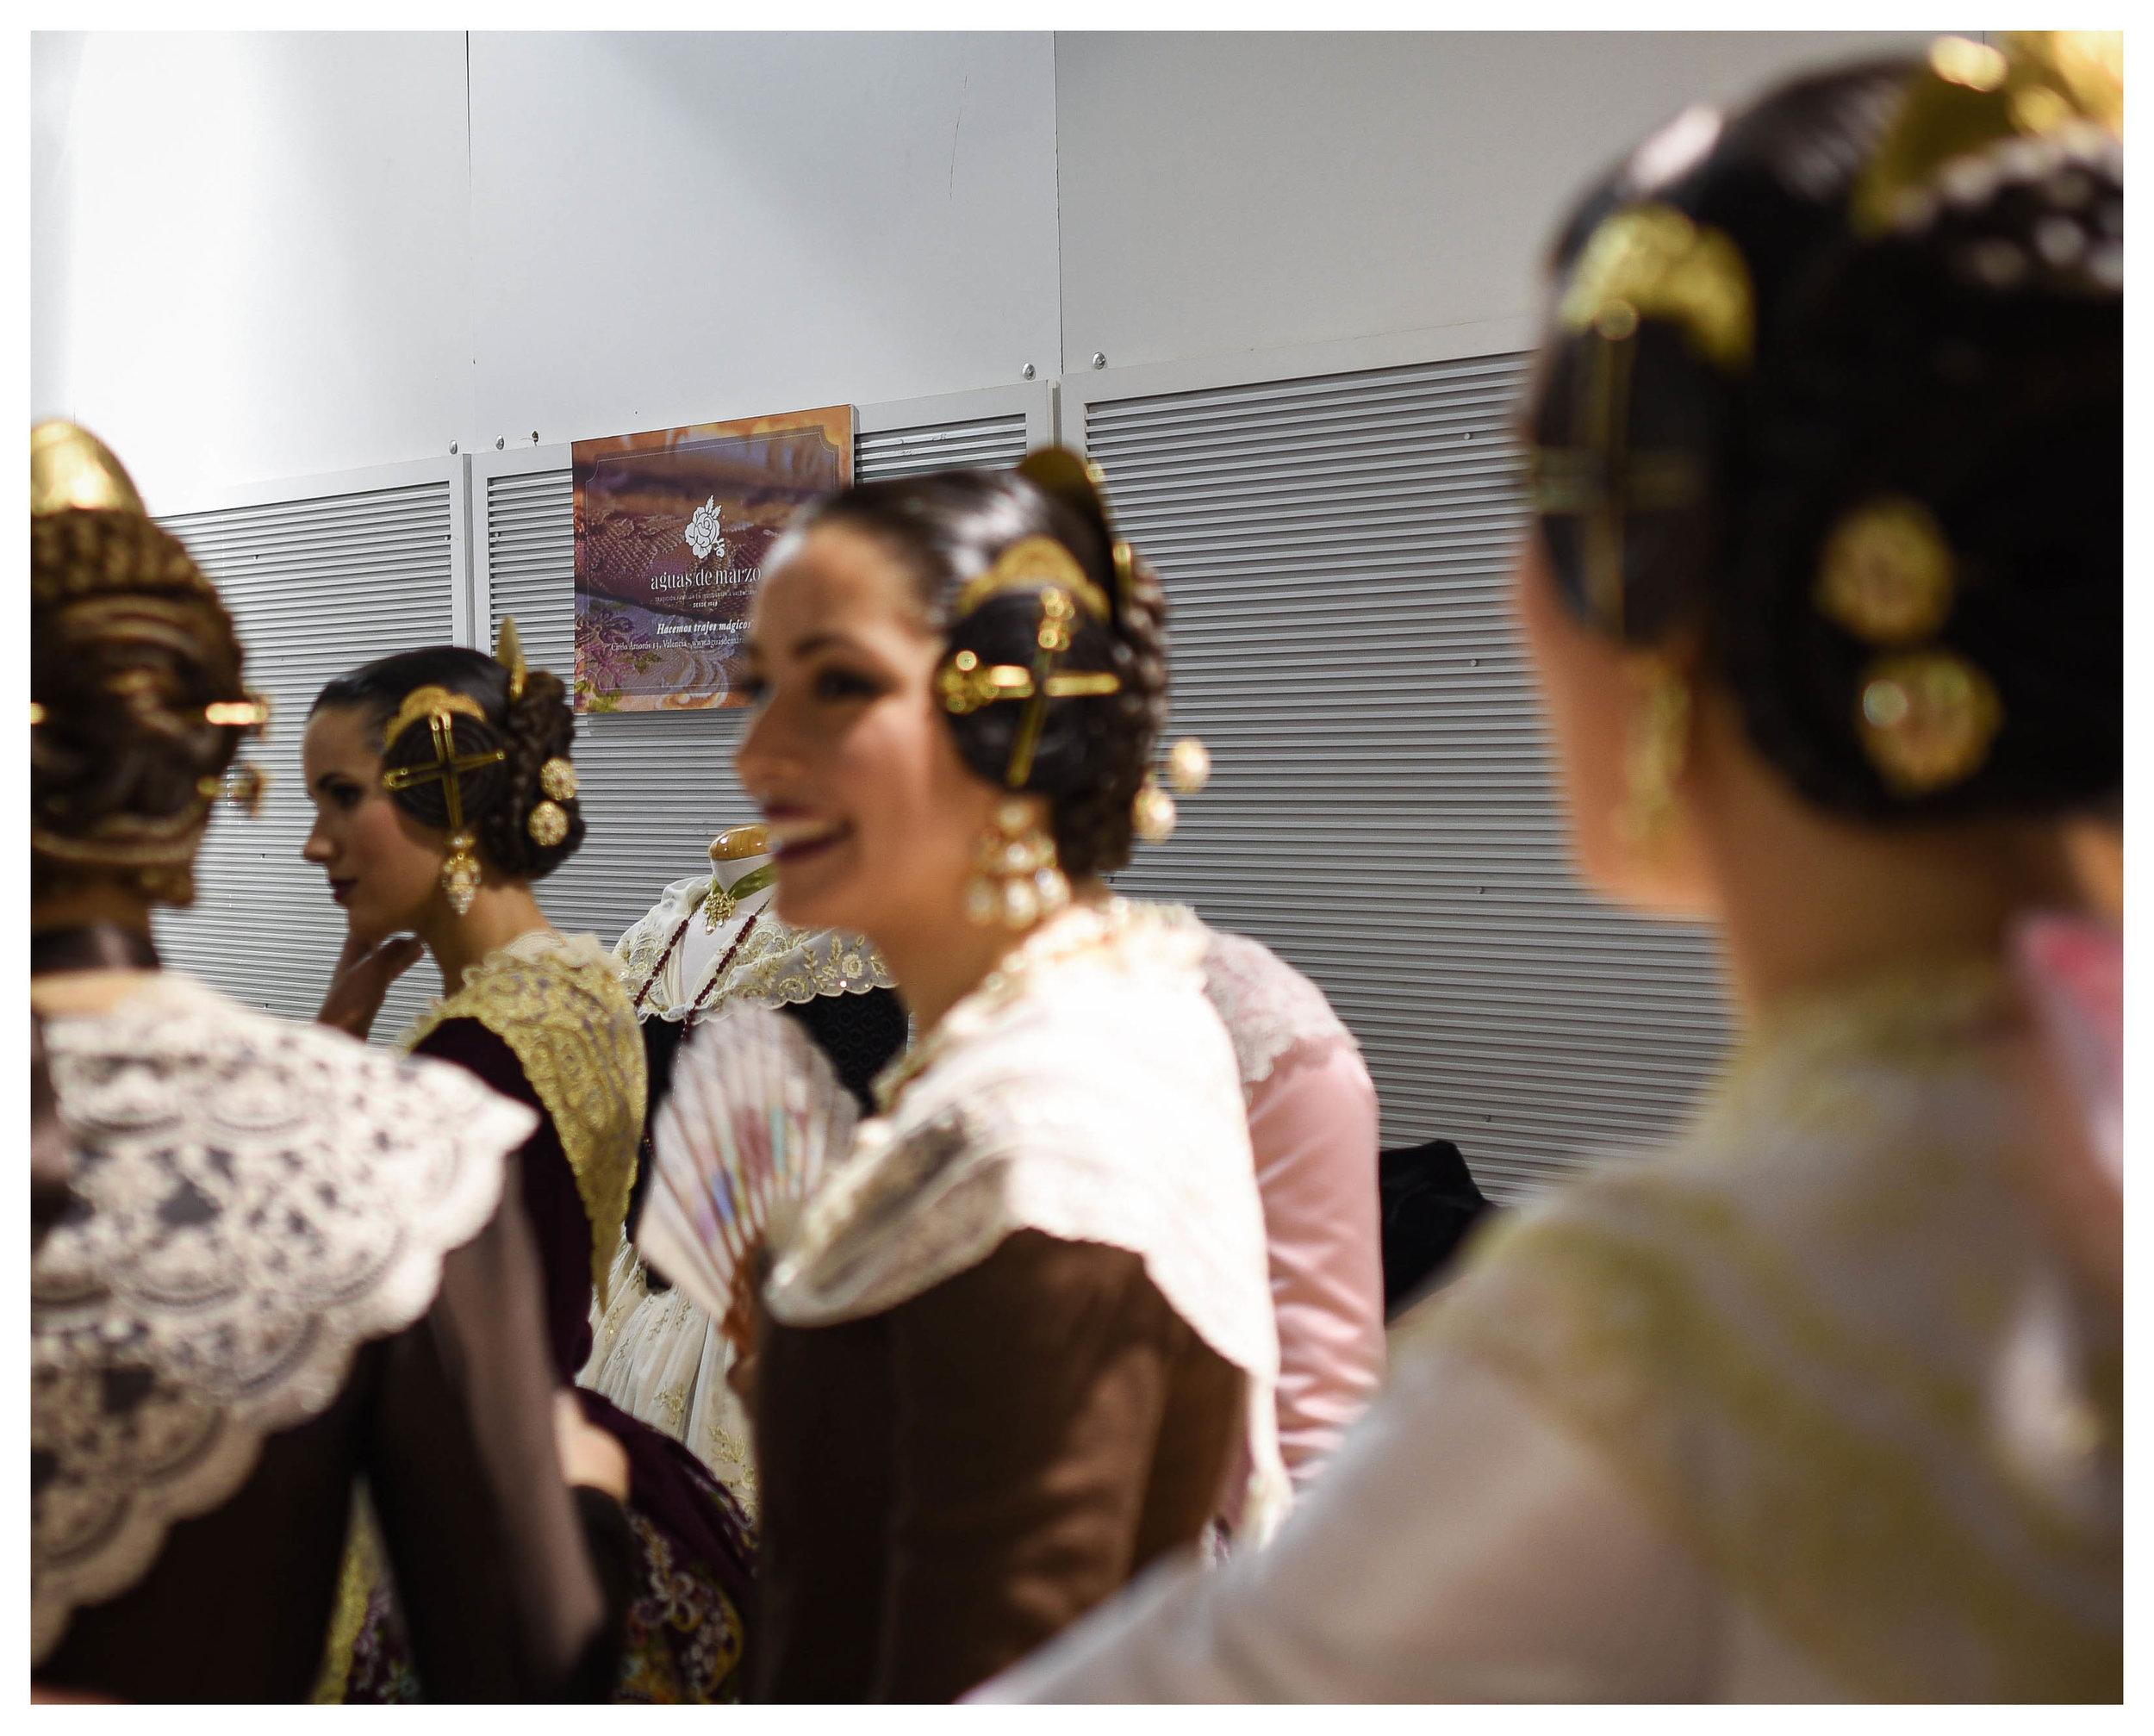 En la imagen, la Corte de Honor de la Fallera Mayor de Valencia 2018 en el stand de Aguas de Marzo indumentaria.